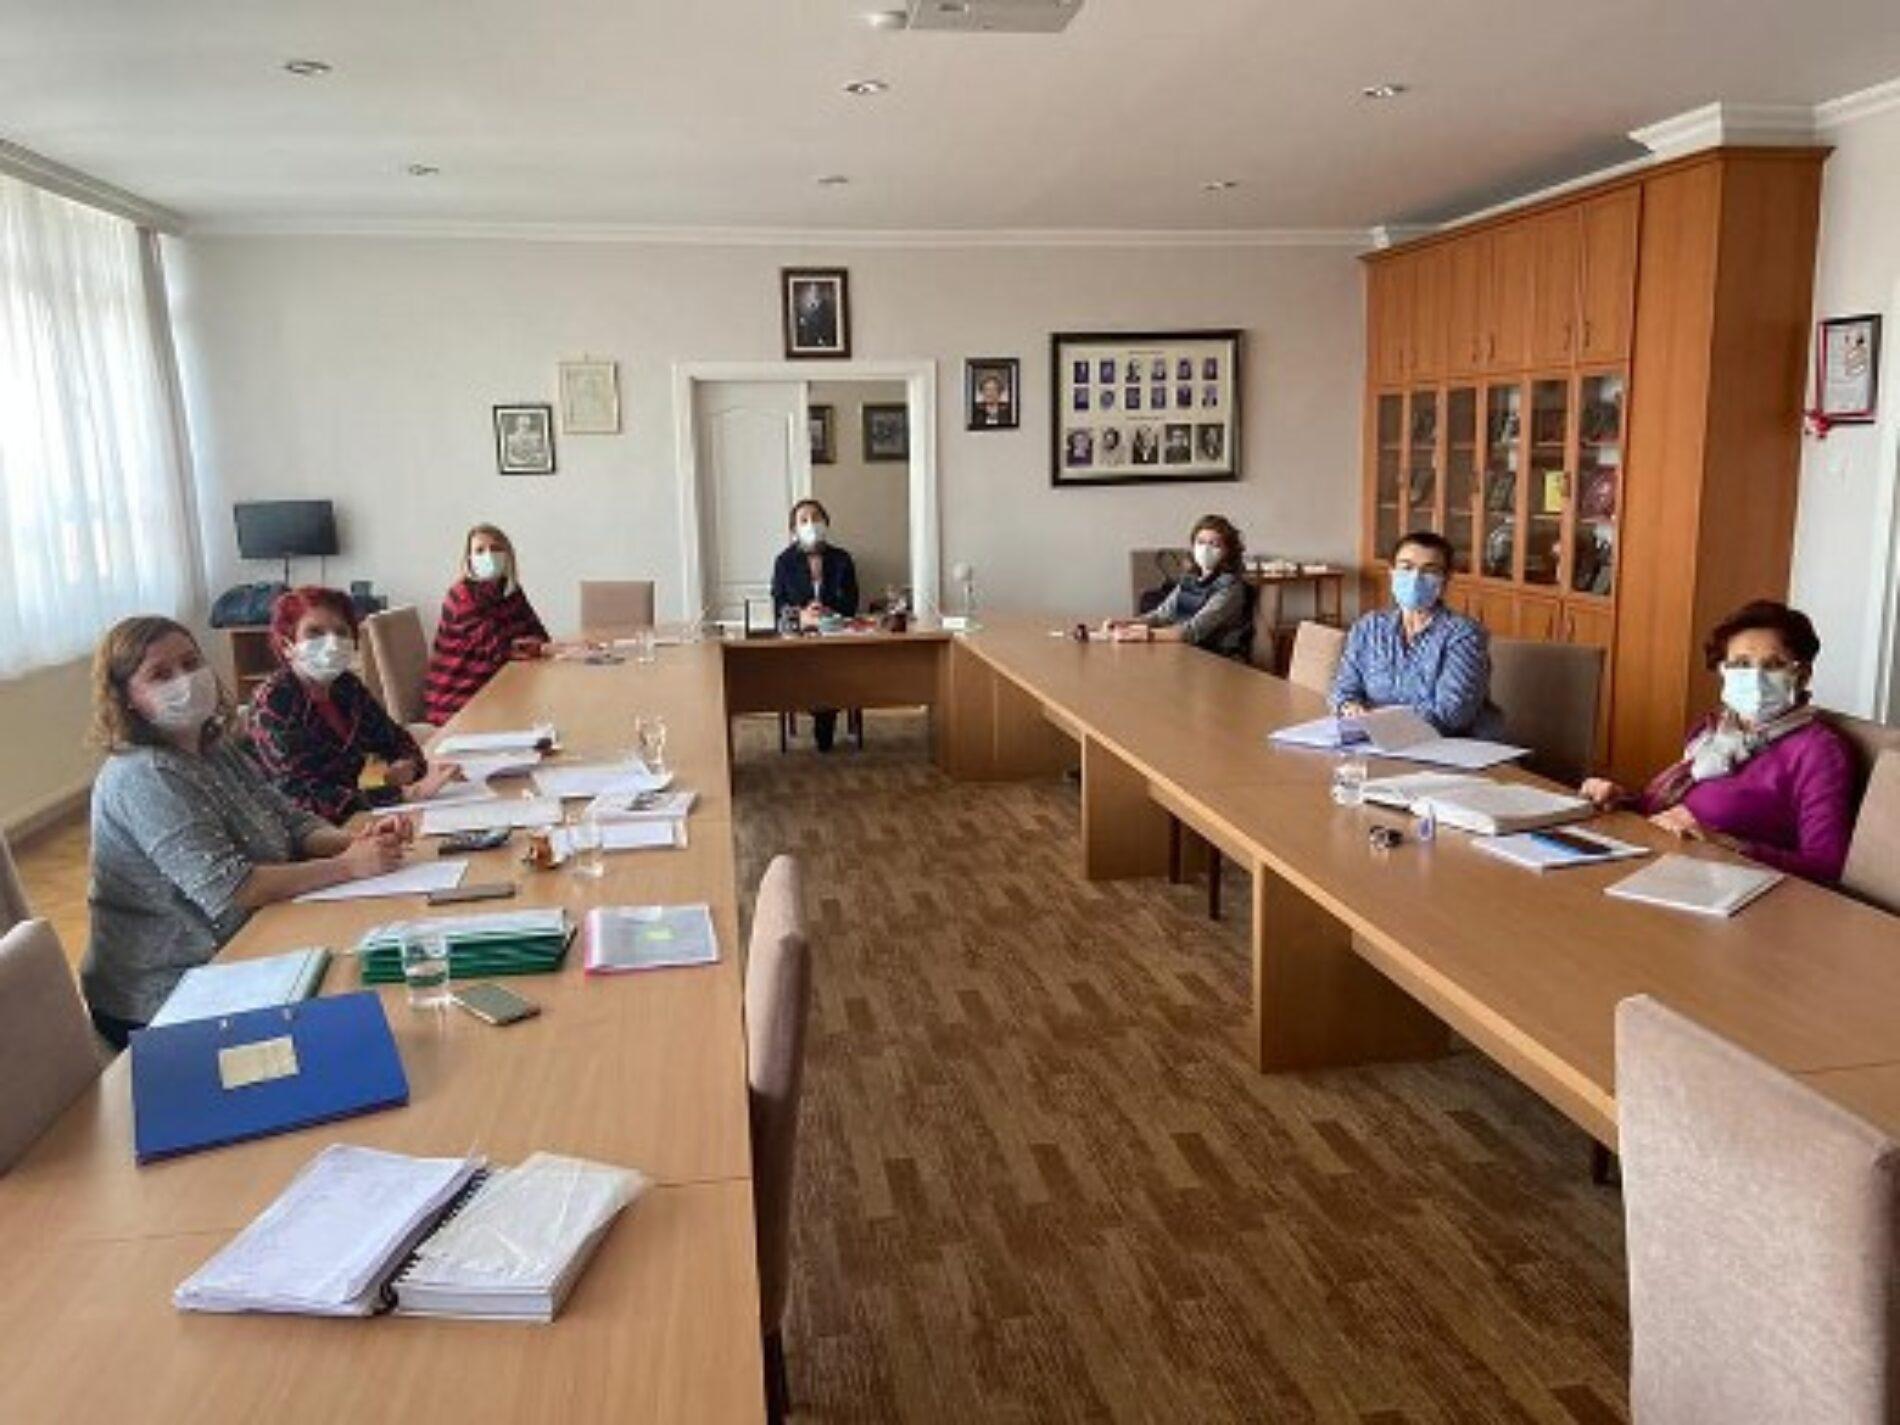 TYSD Genel Merkezimiz Covıd-19 Tedbirlerine Uyarak Çalışmalarını Sürdürmeye Devam Etmektedir